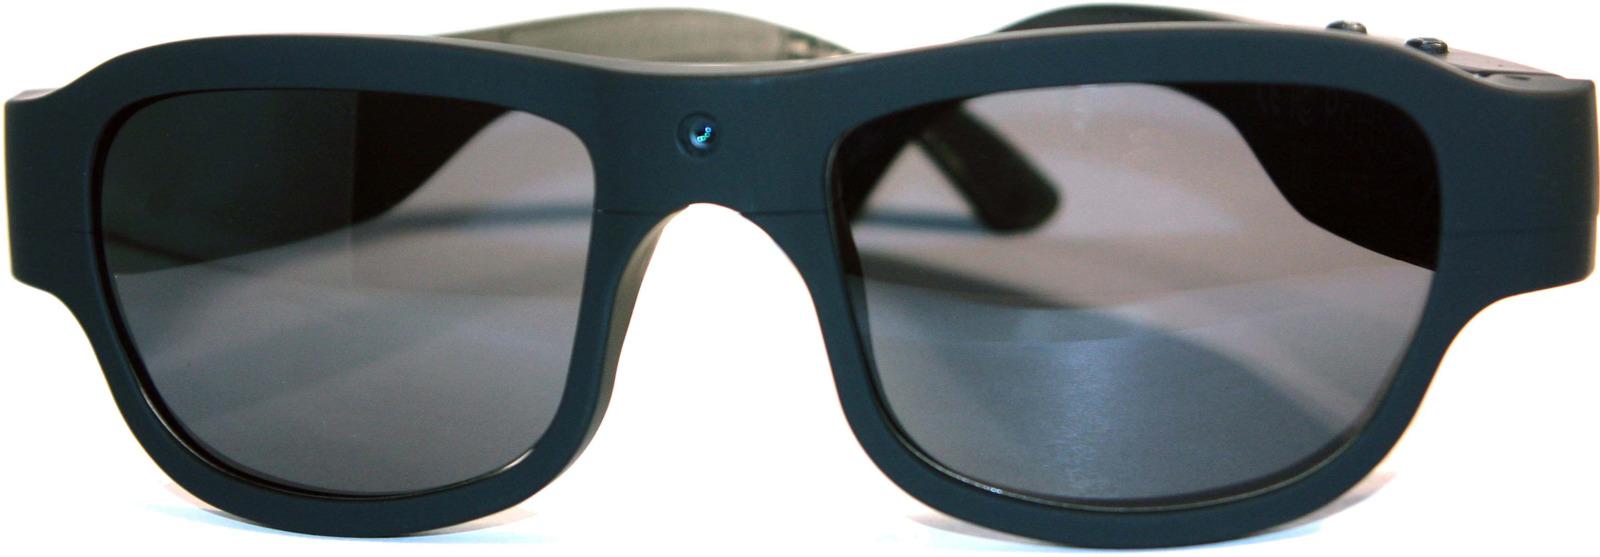 Очки с камерой X-Try XTG270